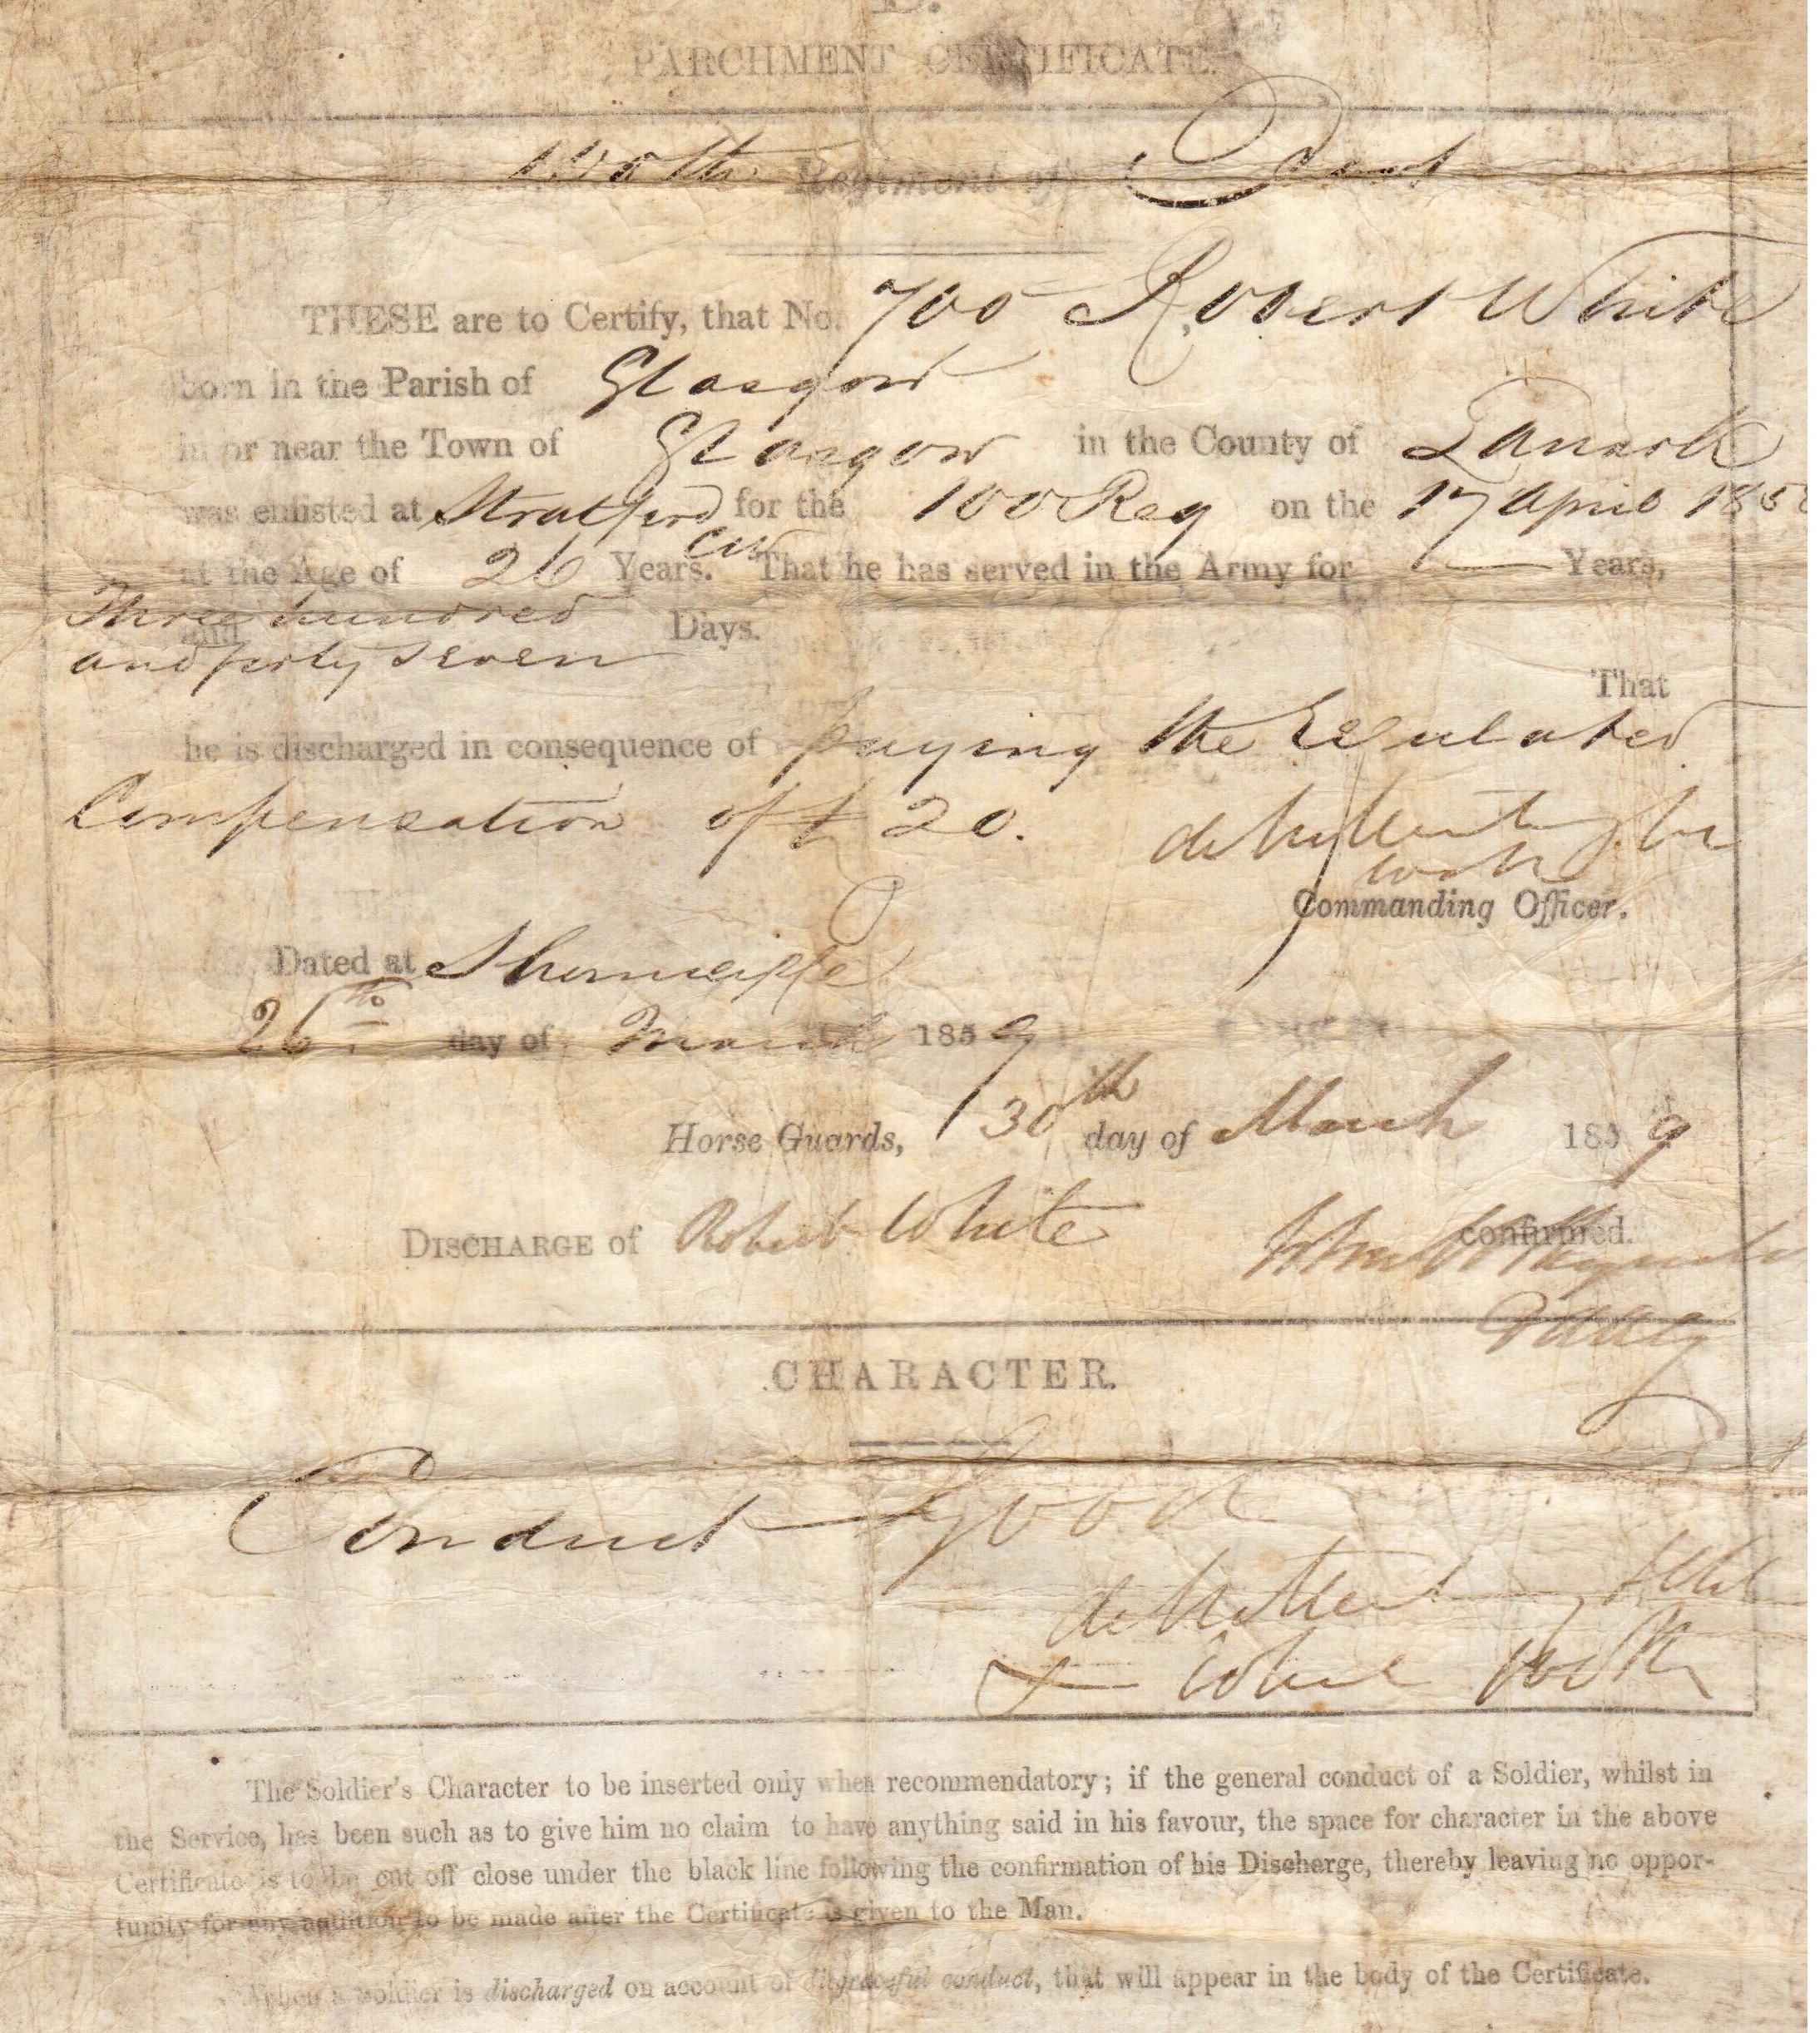 robert discharge document